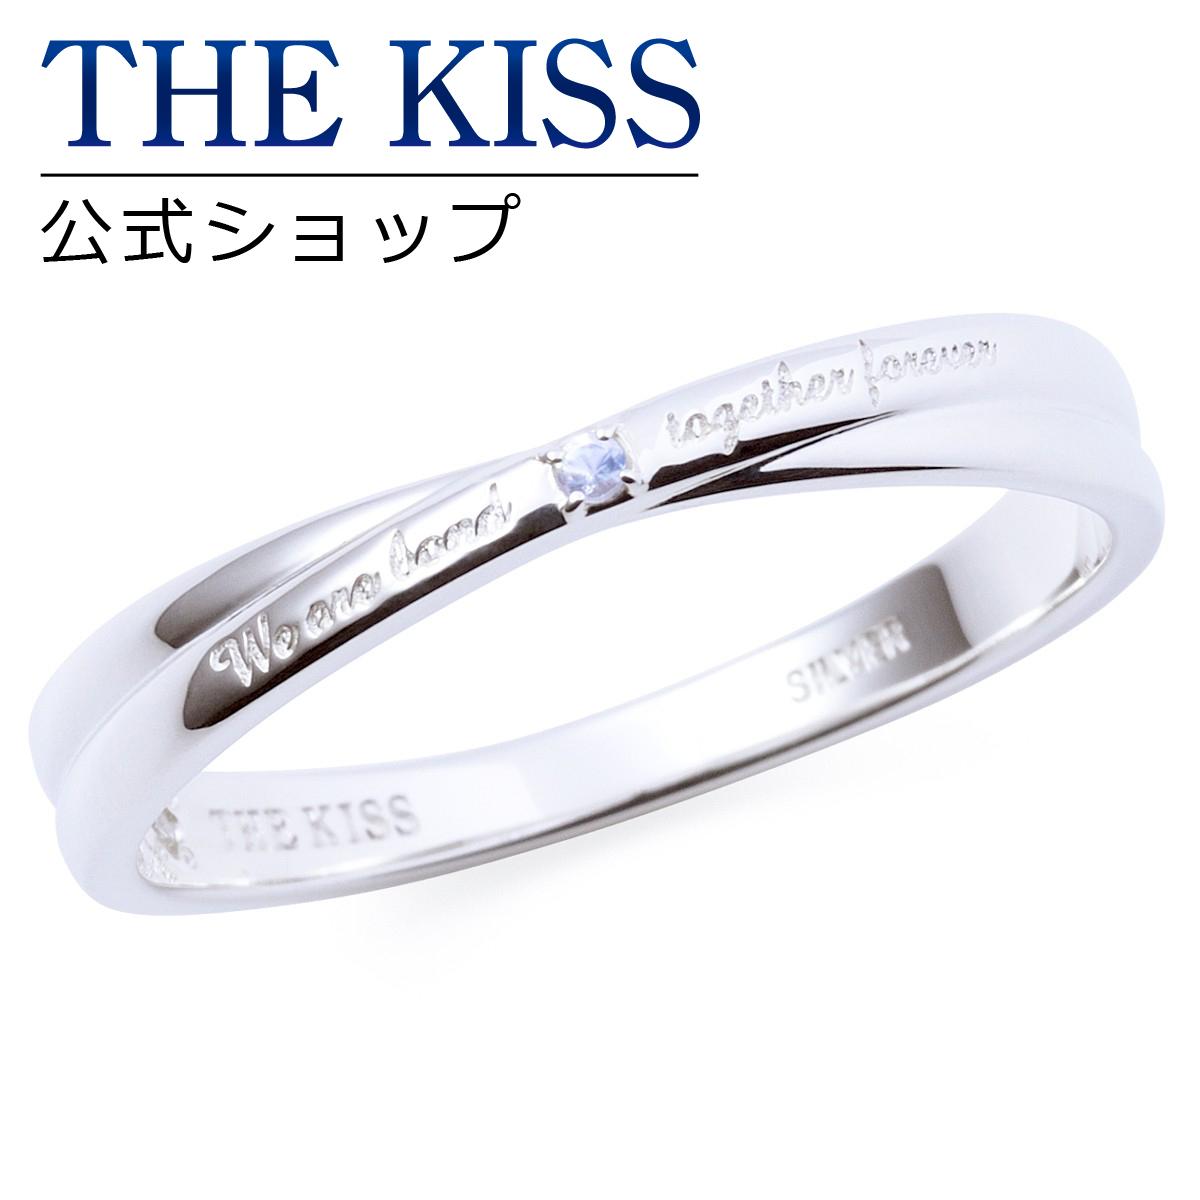 【あす楽対応】THE KISS 公式サイト シルバー ペアリング ( メンズ 単品 ) ペアアクセサリー カップル に 人気 の ジュエリーブランド THEKISS ペア リング・指輪 記念日 プレゼント 2017-02RM-RBM ザキス 【送料無料】